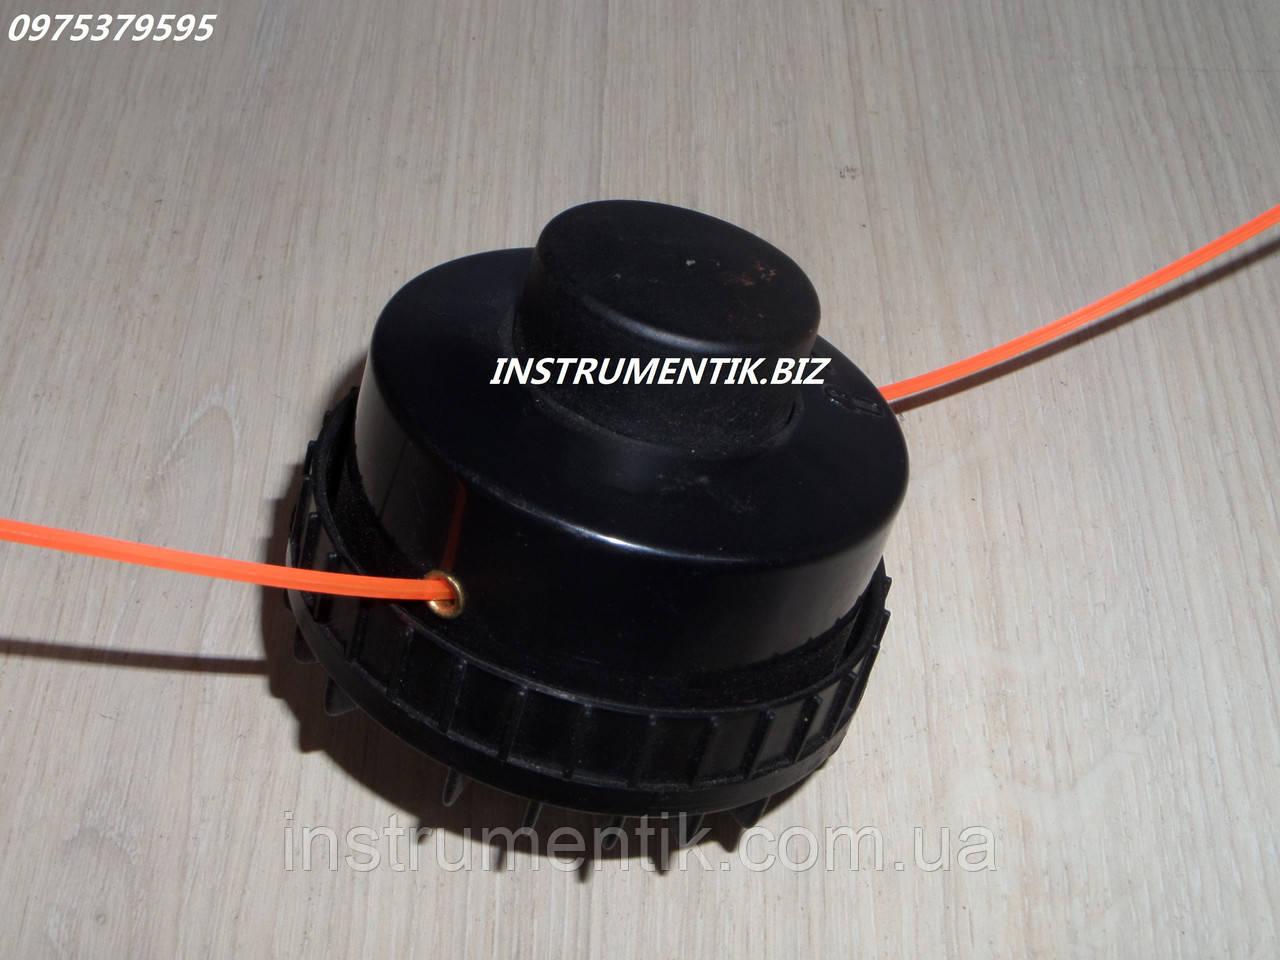 Катушка  для электрокос с длинным носиком 6 мм